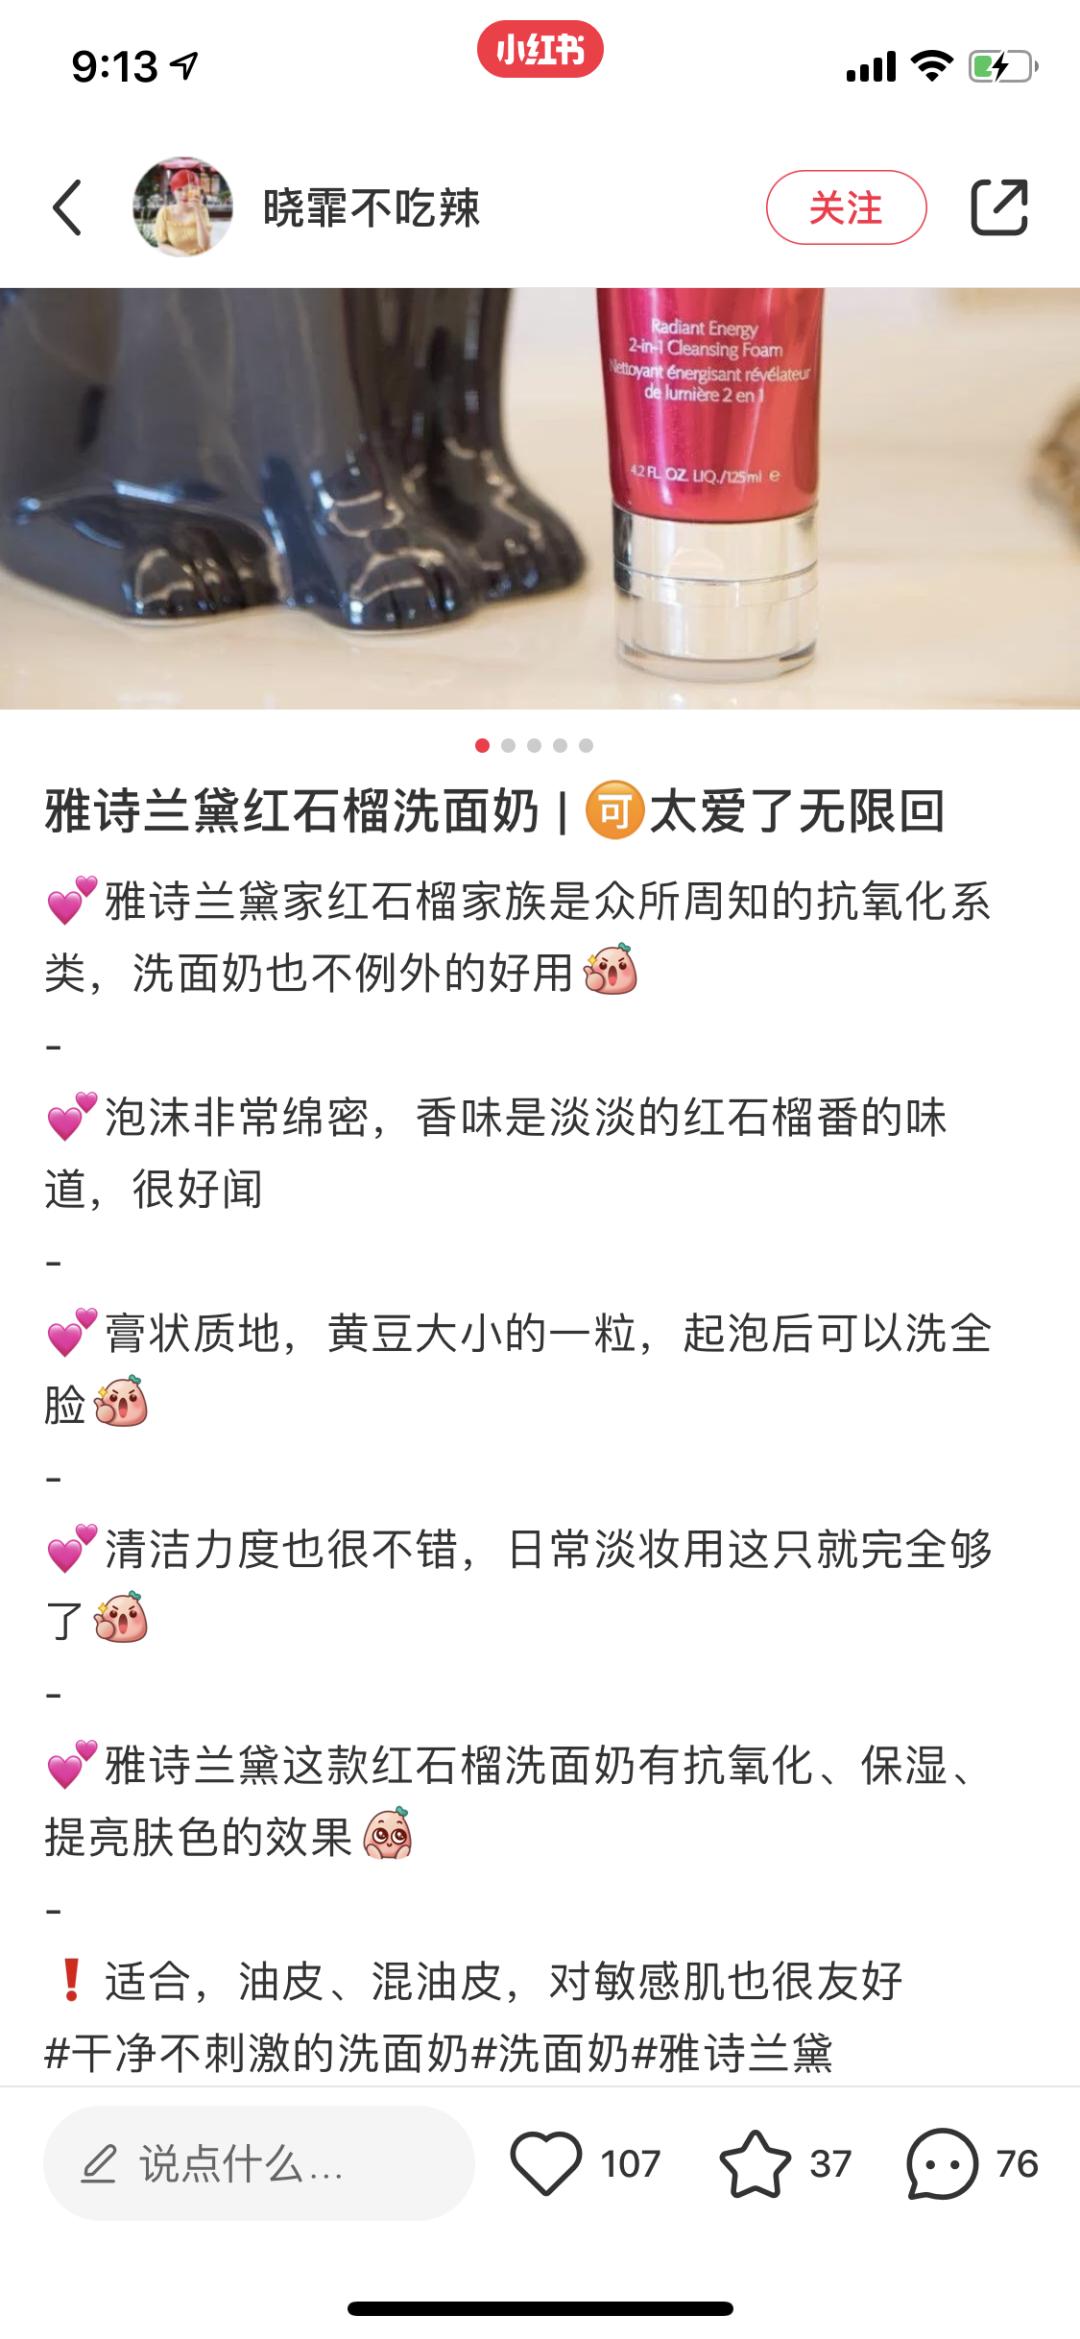 9.10团品雅诗兰黛红石榴洗面奶中样